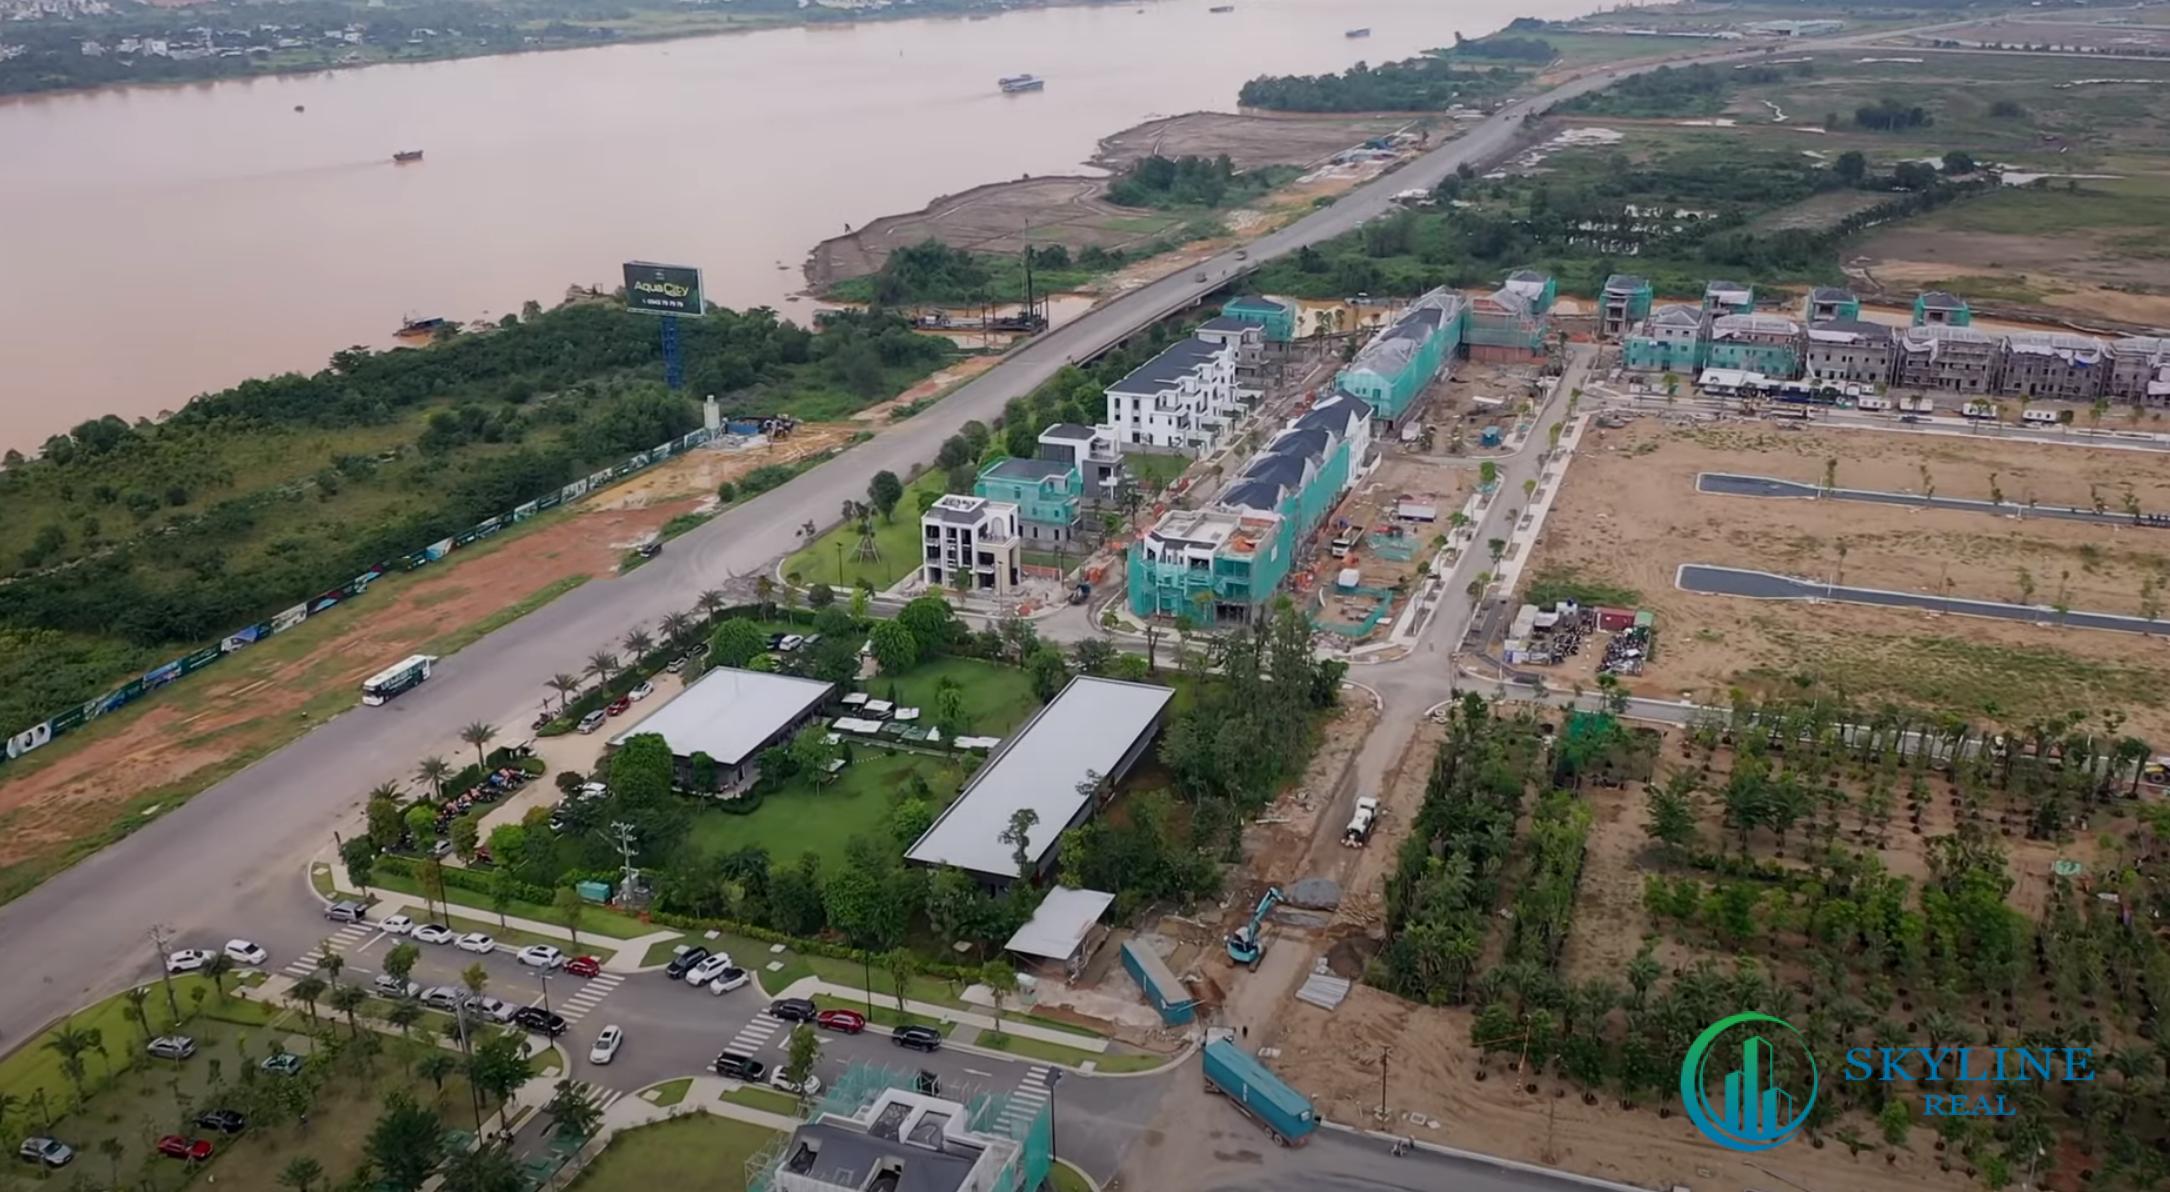 Tiến độ Aqua City chủ đầu tư Novaland - Cụm biệt thự mẫu